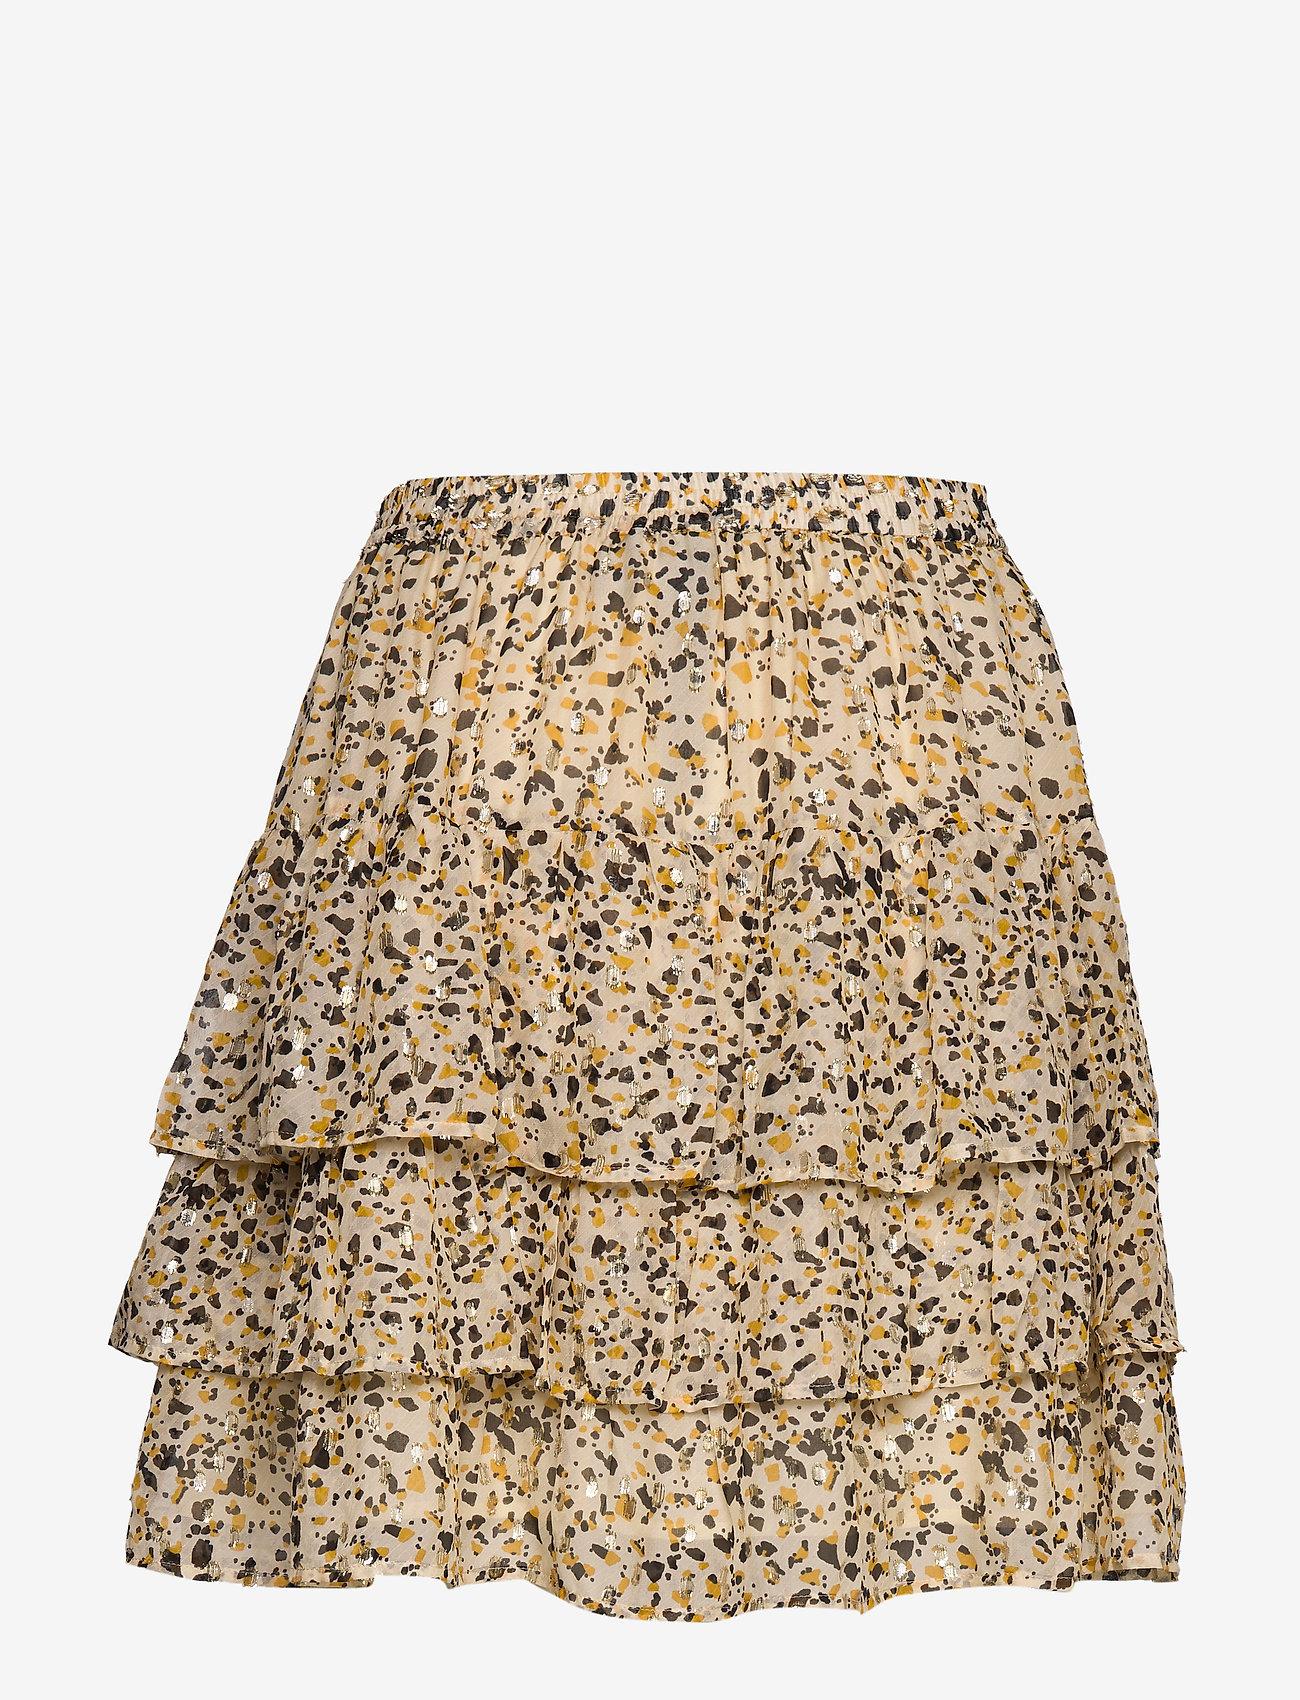 Stella Nova Nist - Spódnice LIGHT SPARKLES - Kobiety Odzież.